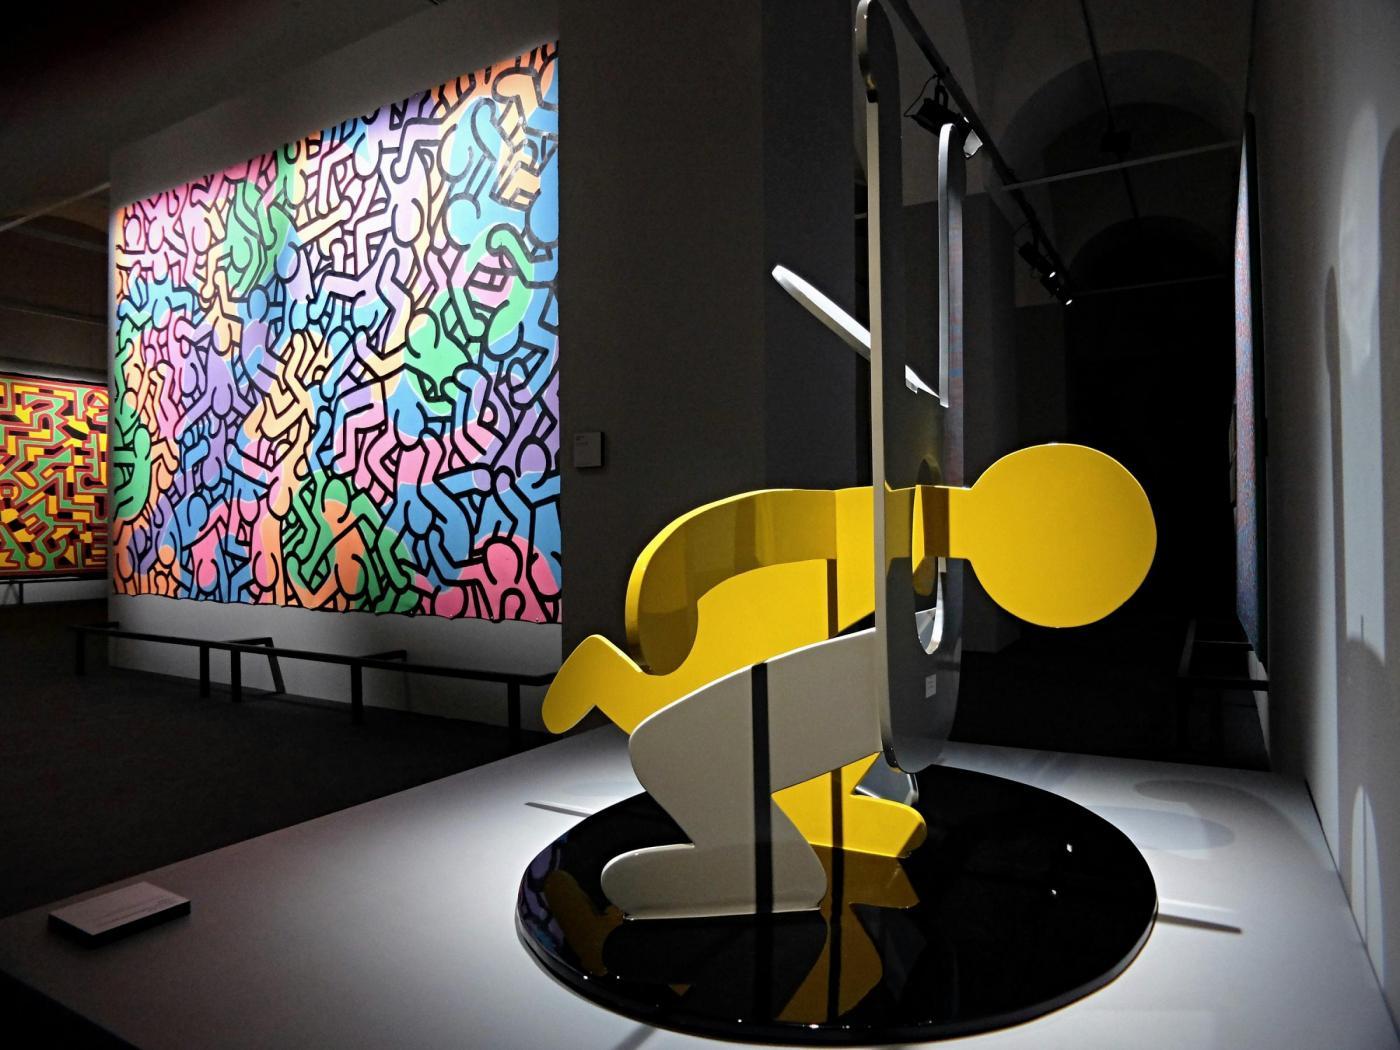 Mostra Keith Haring a Milano: a Palazzo Reale dal 21 febbraio al 18 giugno 2017